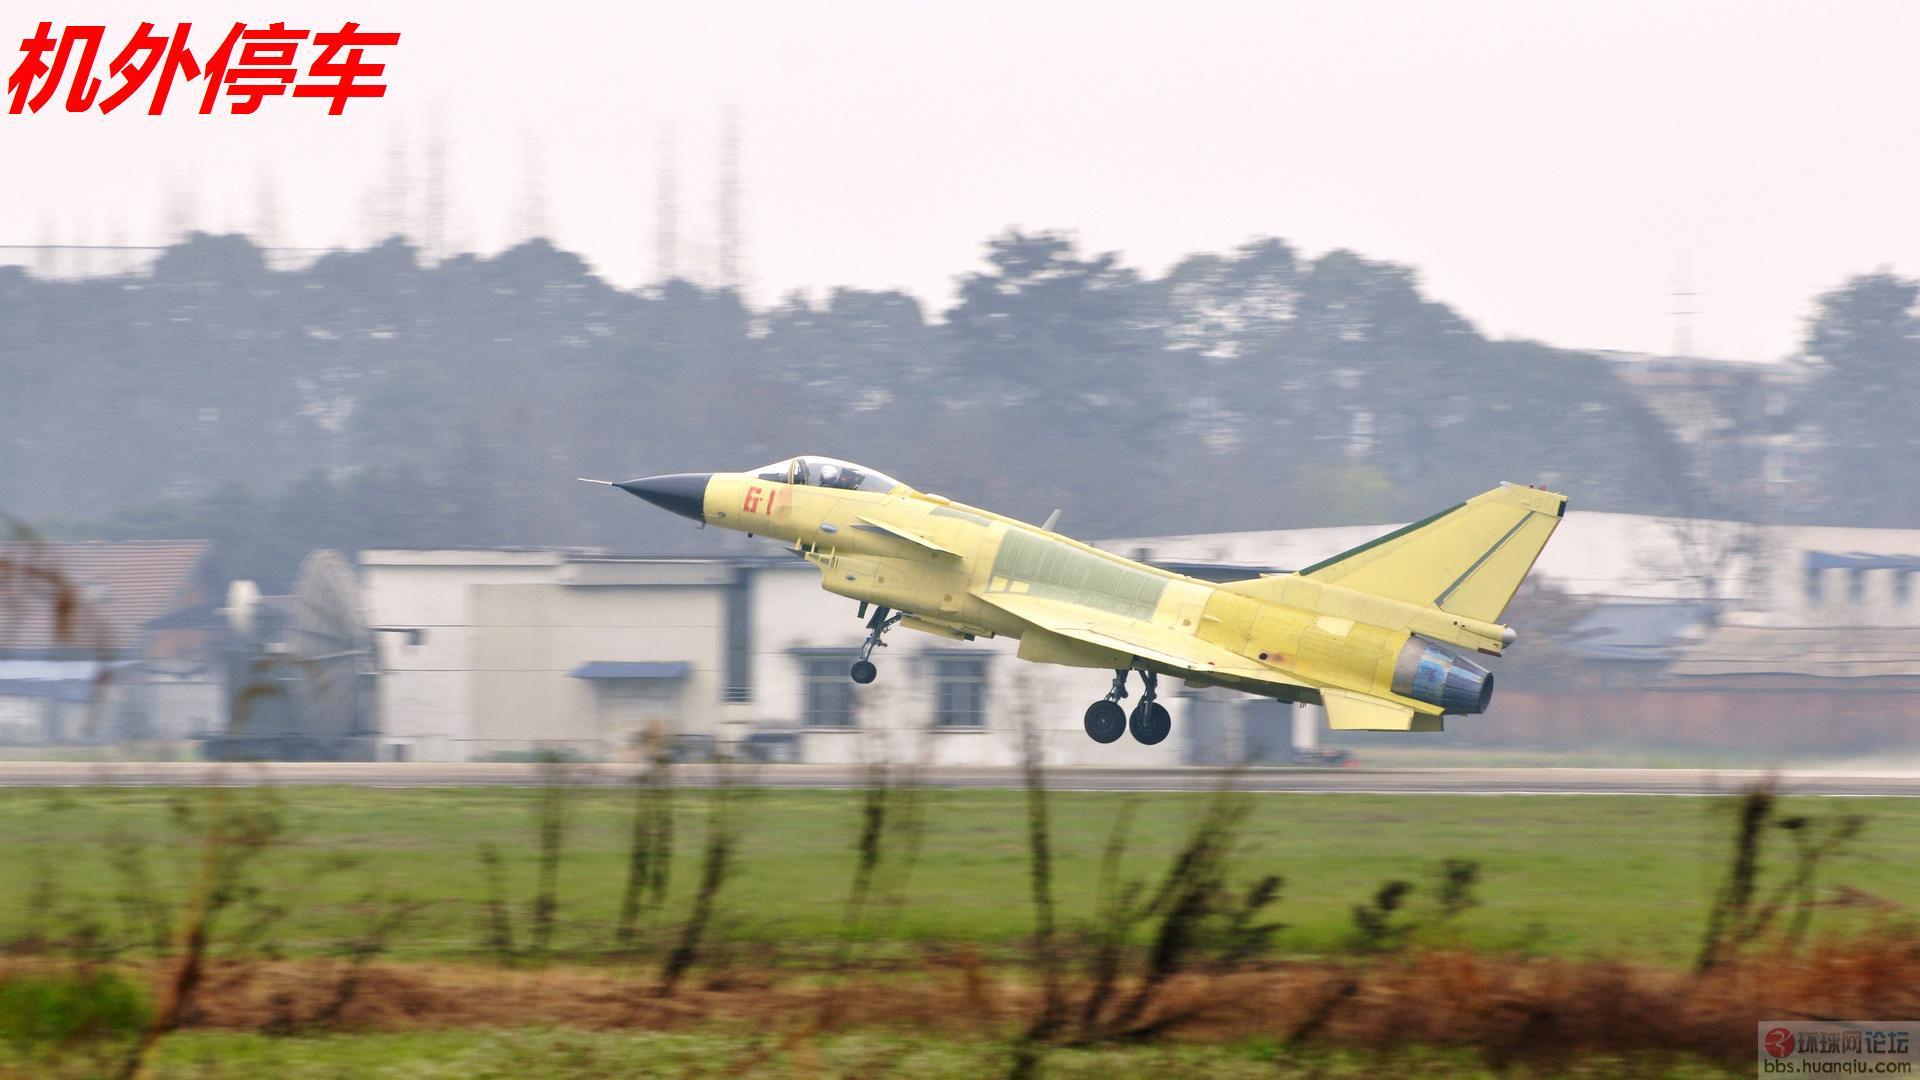 空军、海军抢着要:成飞的新歼十战机加速生产!